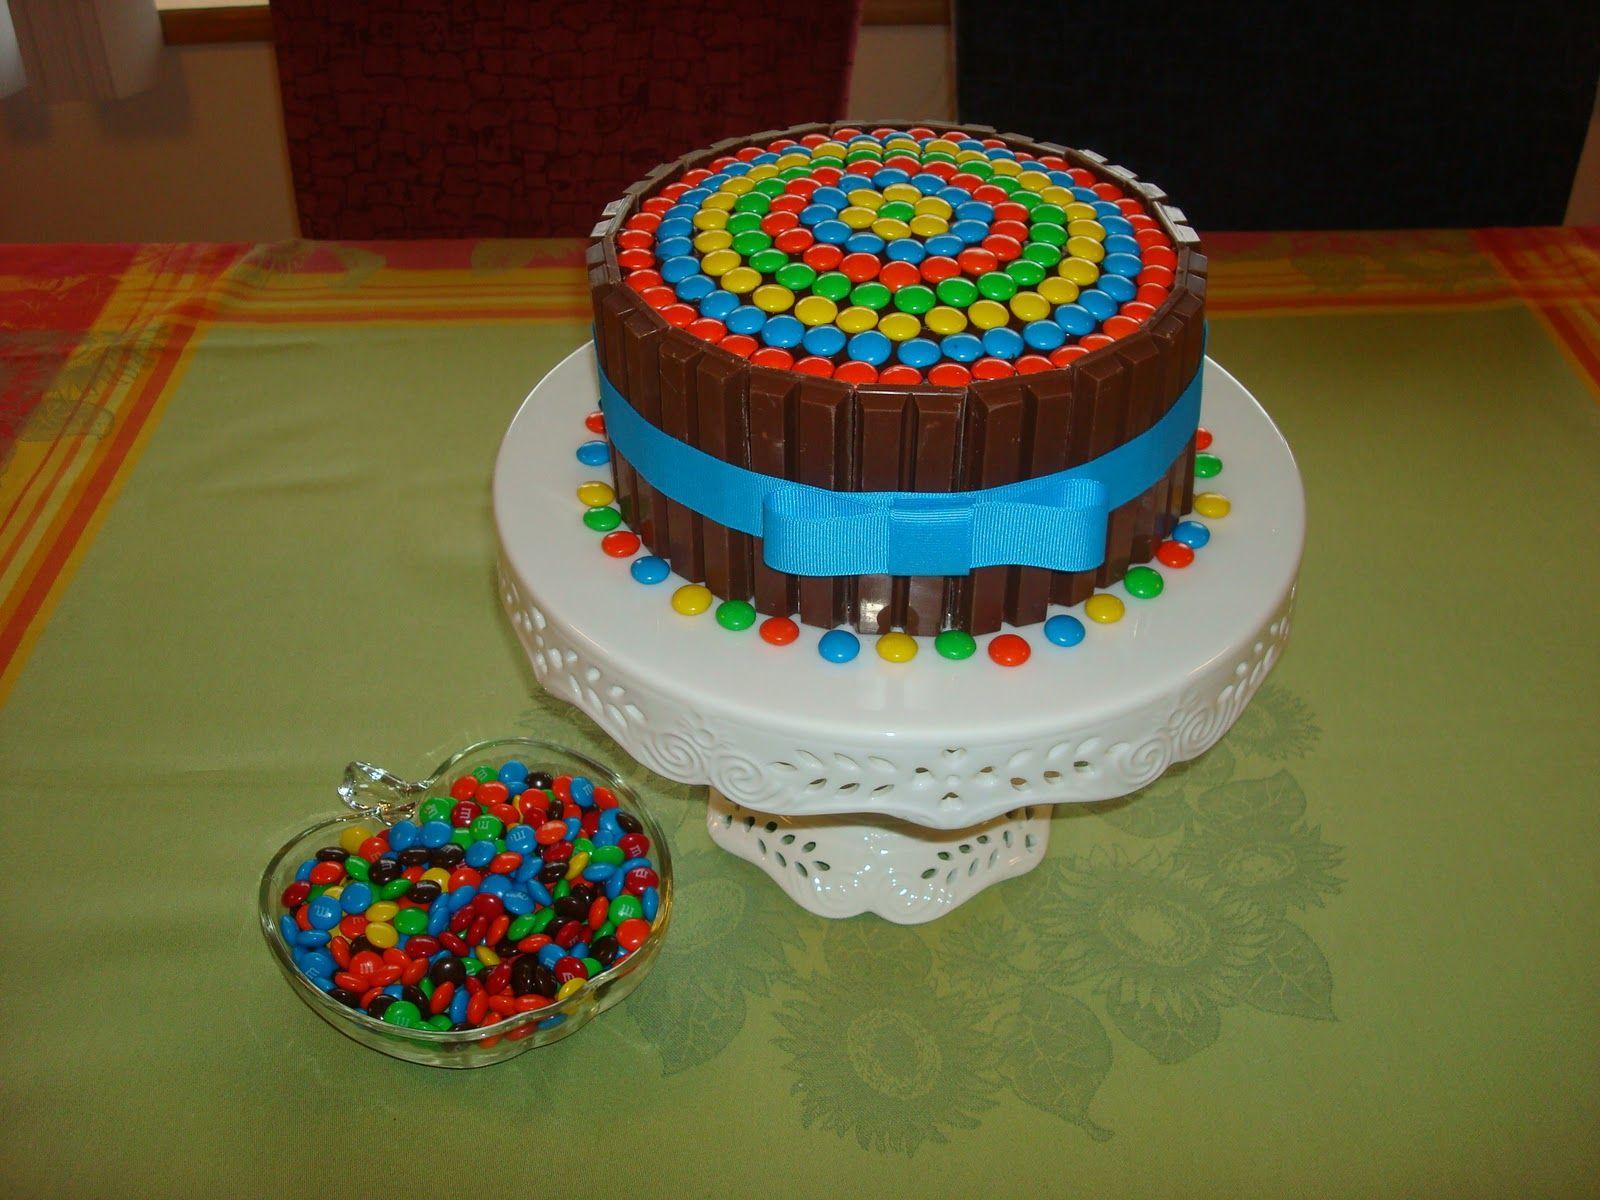 Birthday Cake For 12 Year Old Boy 12 Year Old Boy Cakes 12 Year Birthday Cakes For Boys 1600x1200 Wallpaper Teahub Io